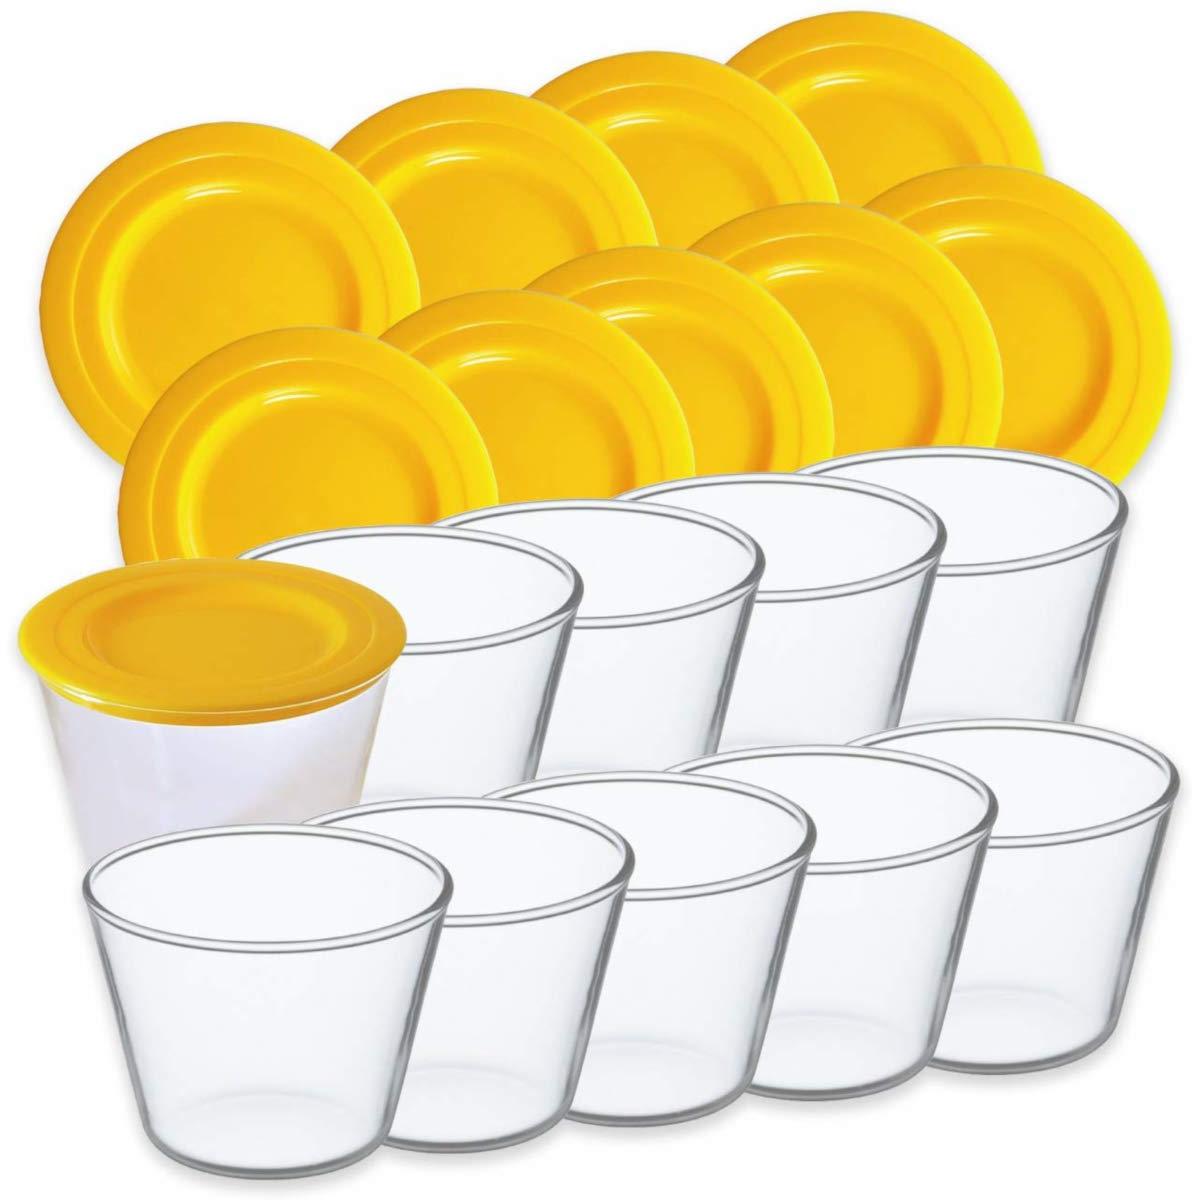 iwaki イワキ プリンカップ 耐熱ガラス フタ付き 10個セット 母の日 ギフト 100ml 耐熱 電子レンジ・オーブンOK